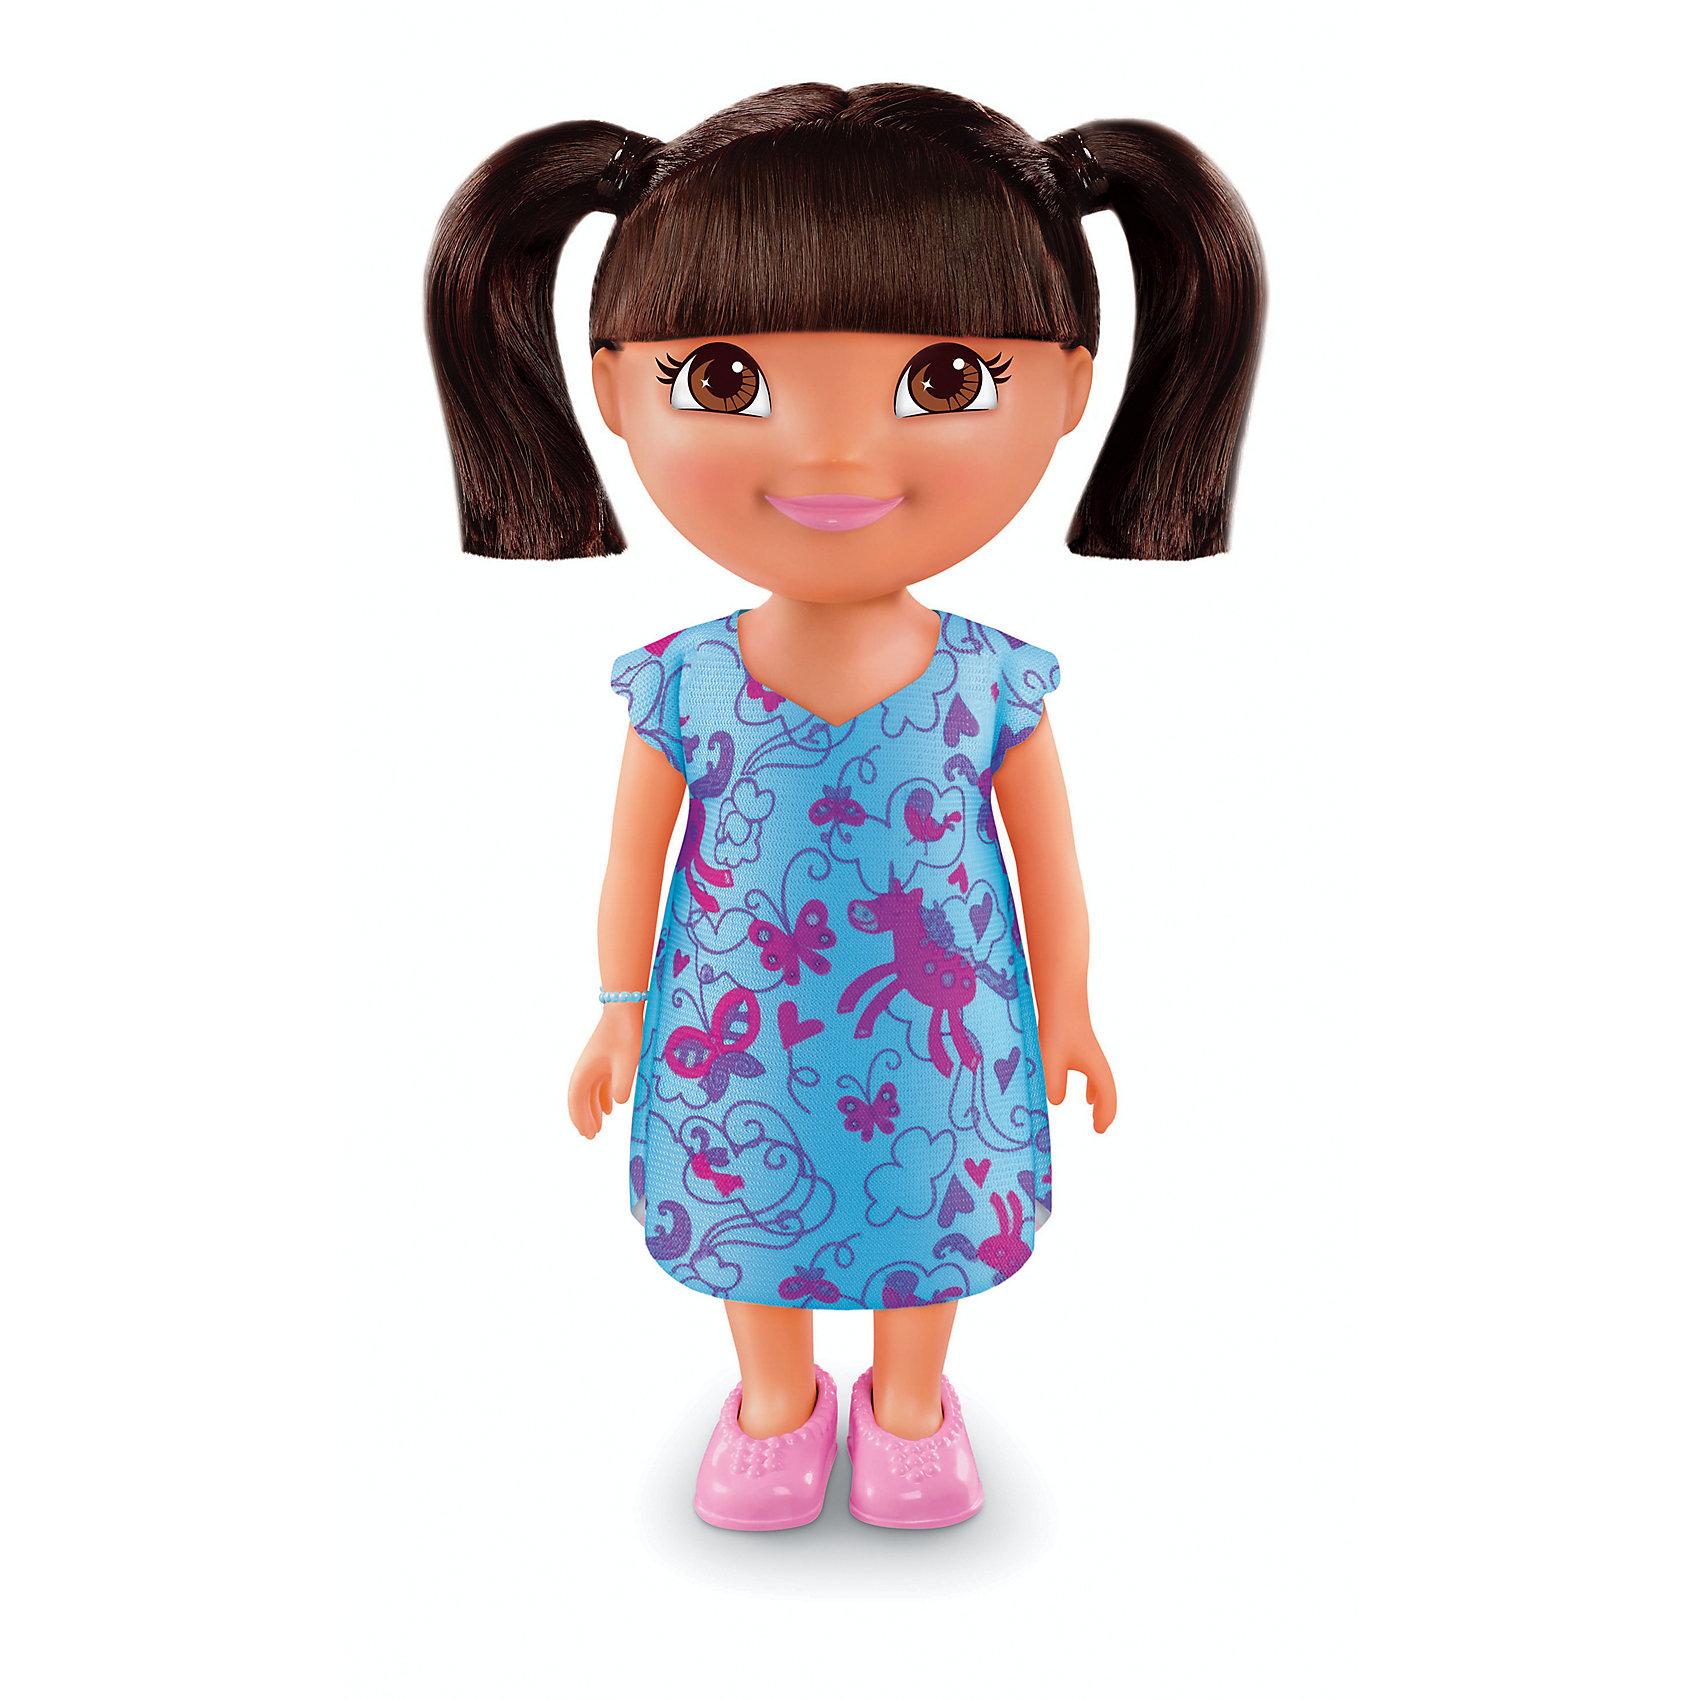 Кукла Даша-путешественница из серии Приключения каждый день, Fisher PriceКлассические куклы<br><br><br>Ширина мм: 125<br>Глубина мм: 90<br>Высота мм: 230<br>Вес г: 238<br>Возраст от месяцев: 36<br>Возраст до месяцев: 120<br>Пол: Женский<br>Возраст: Детский<br>SKU: 6673380